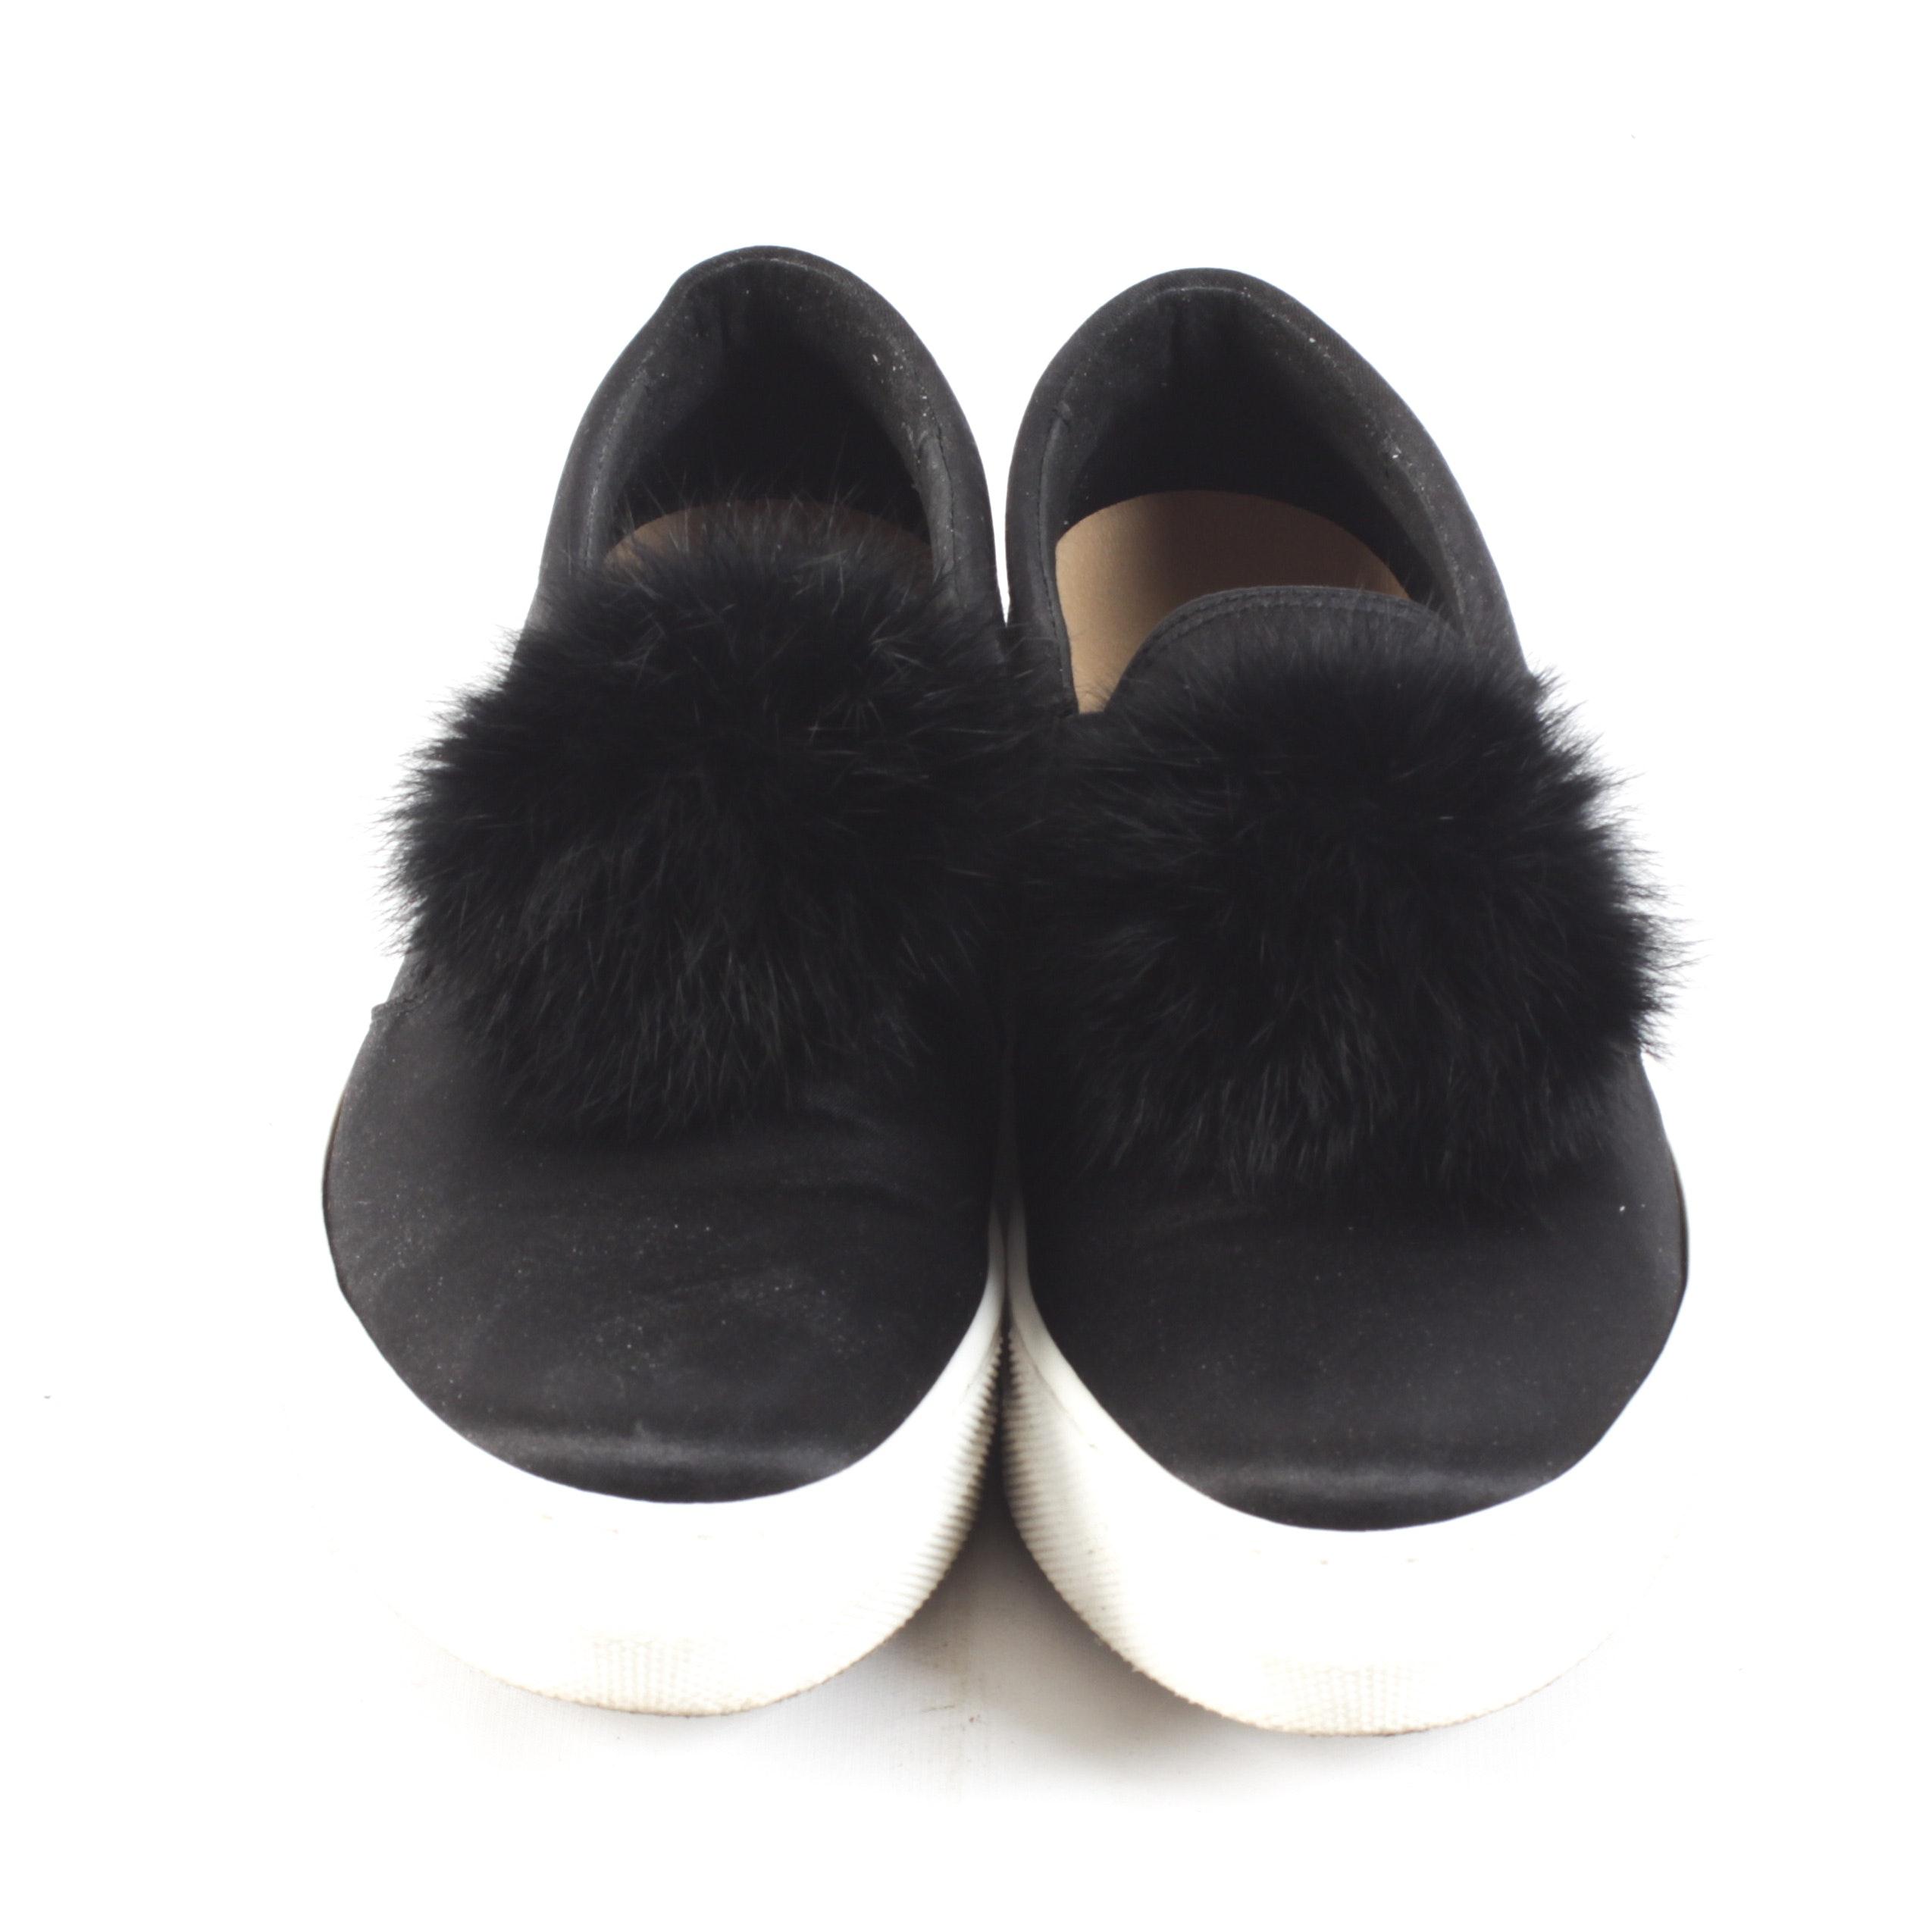 Sesto Meucci Dyed Black Rabbit Fur Pouf Shoes